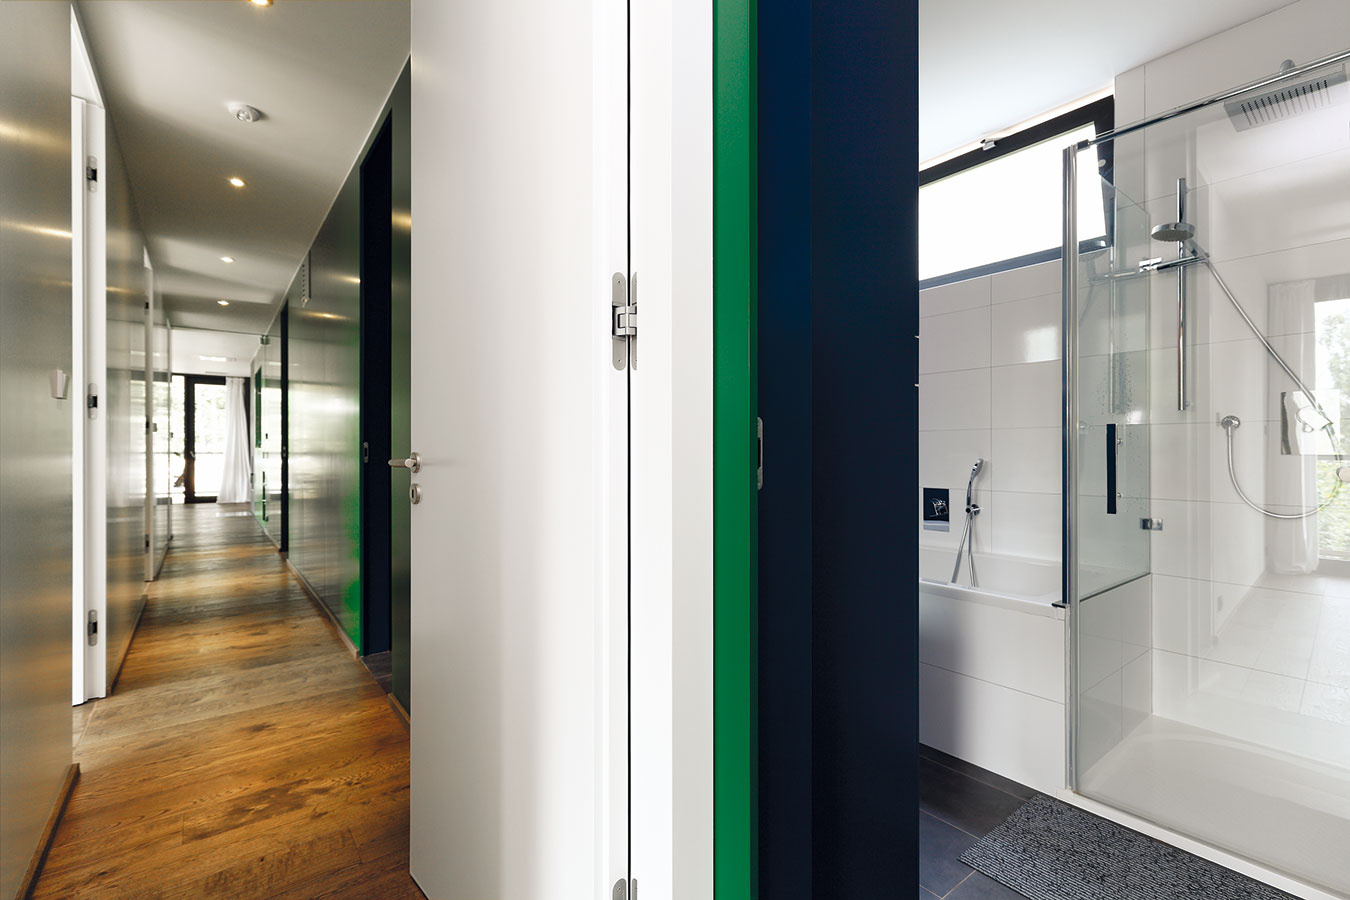 Celý interiér je riešený veľmi prakticky akompaktne – technickejšie zázemie sa nachádza vhmote bližšie ksvahu (chodba, kúpeľňa, miestnosť na vzduchotechniku, koniec-koncov ikuchyňa). Obytné aodpočinkové miestnosti nájdeme vpolovici vznášajúcej sa nad terénom (ztohto pohľadu vľavo).